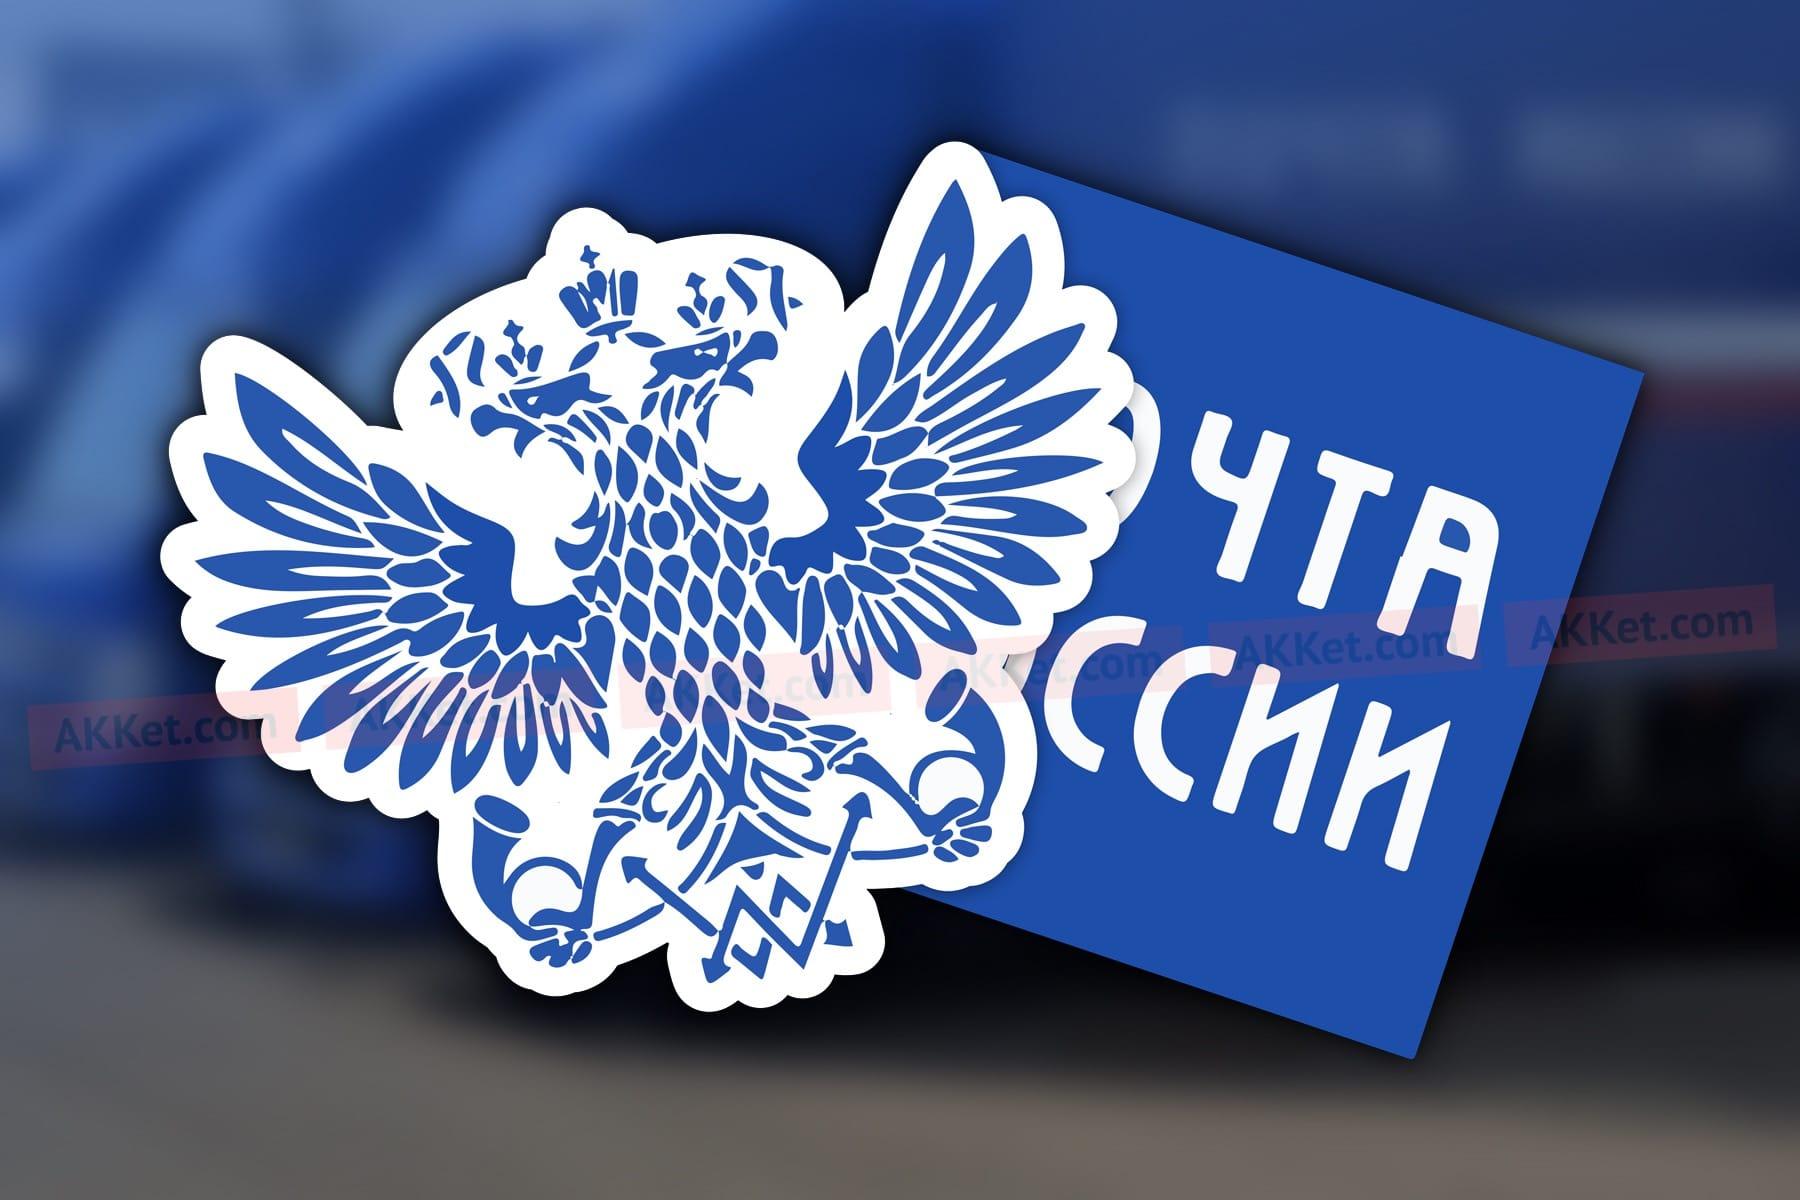 Галицкий после продажи акций «Магнита» сосредоточится на«Краснодаре»